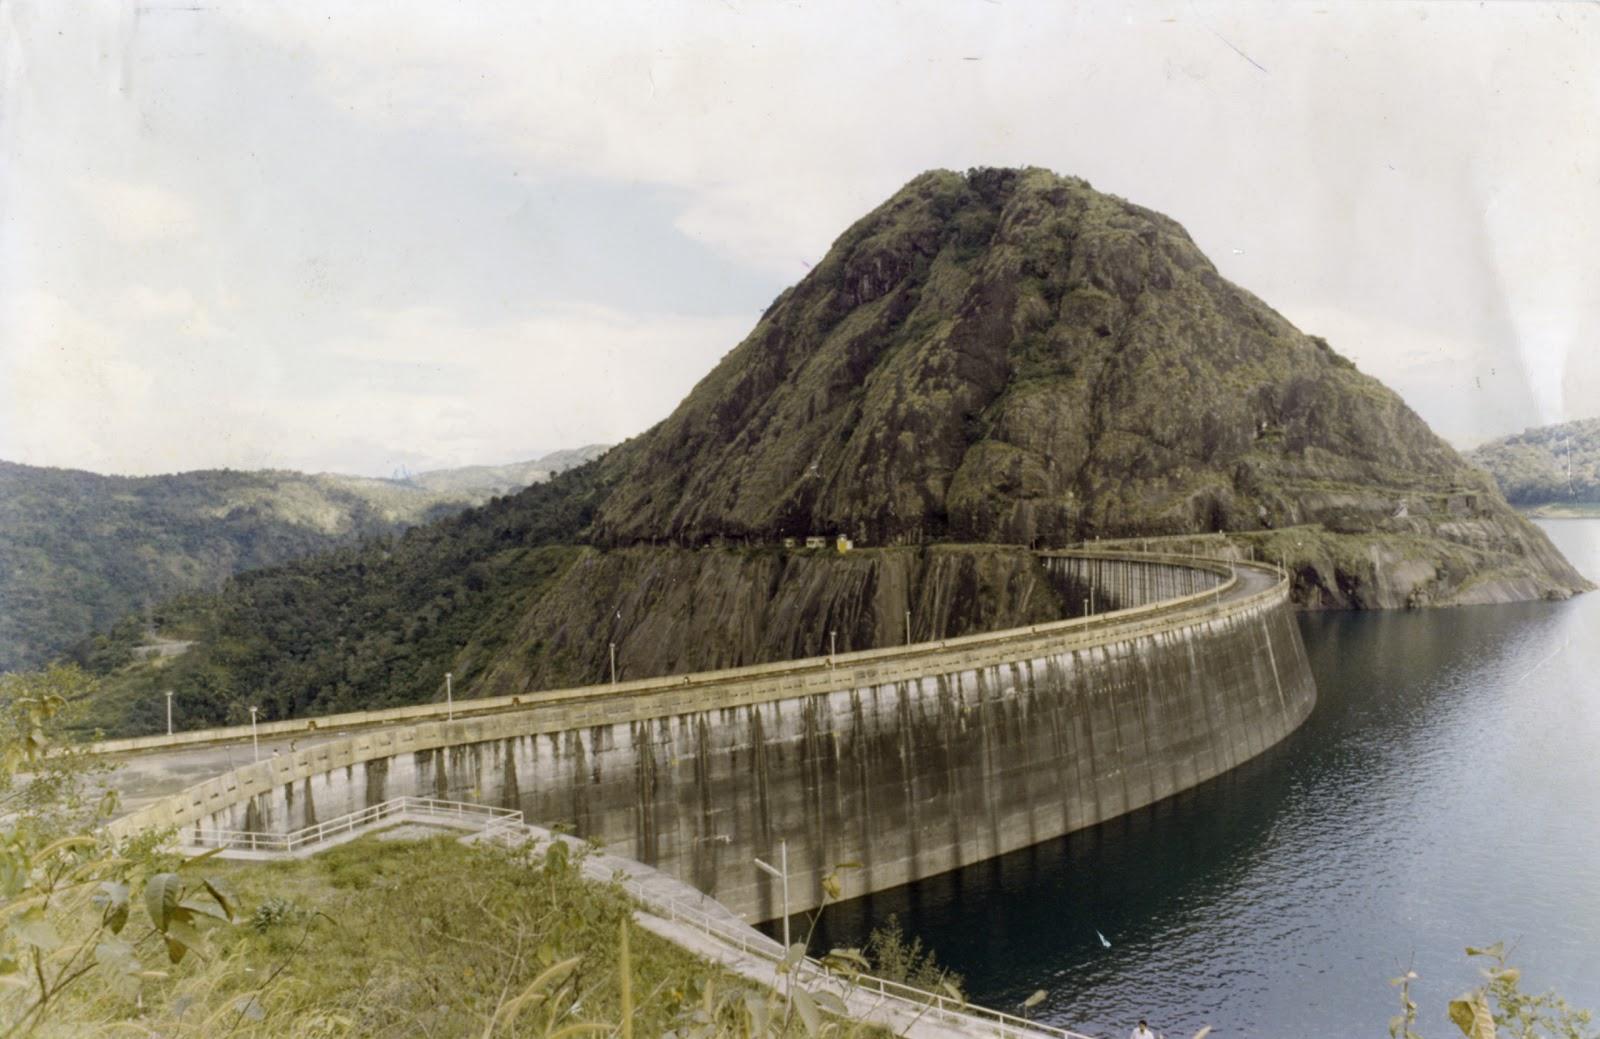 mulai periyar dam Danau periyar sebenarnya tak ketinggalan pula mulai banyak jenis-jenis ikan baru yang danau dibentuk oleh hidroelektrik akosomba dam.